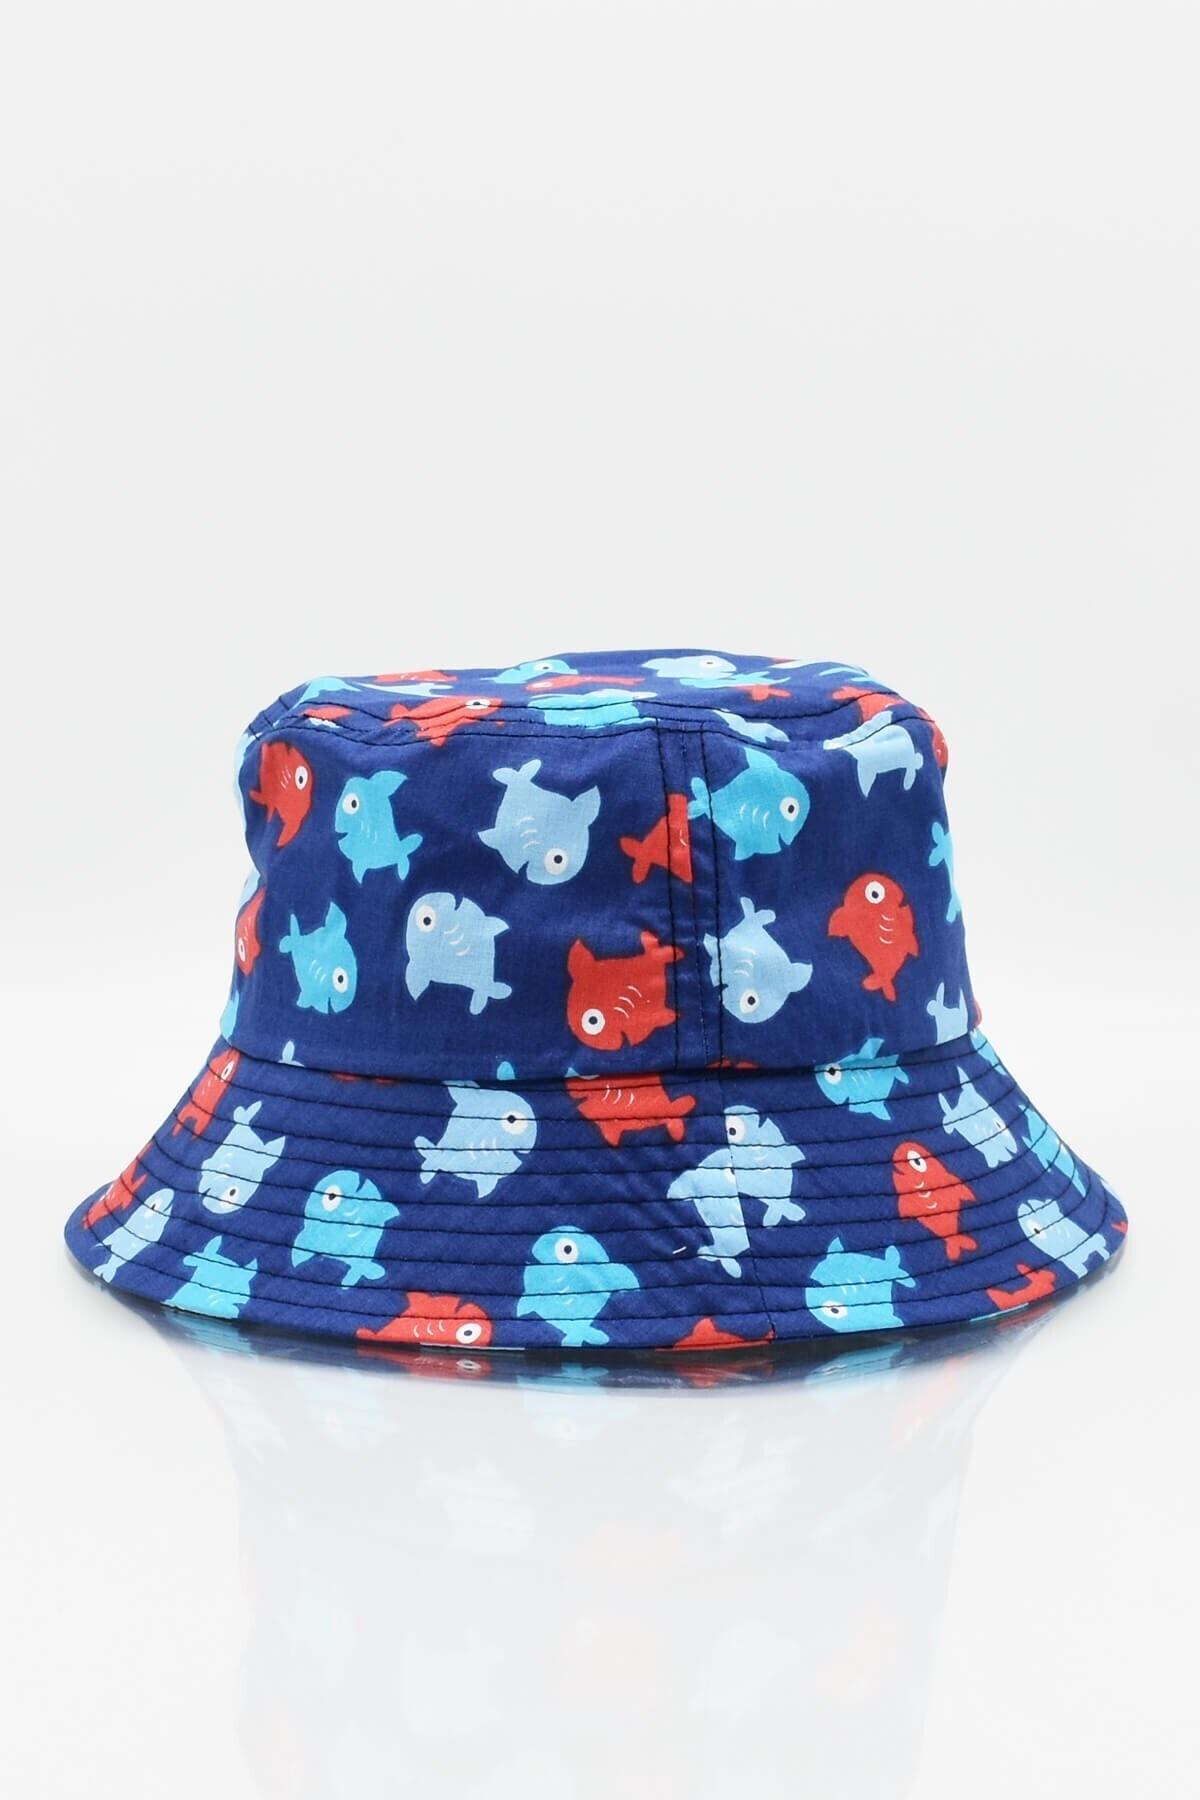 Külah Kadın Desenli Uv Korumalı Seyehat Balıkçı Şapkası Bucket Şapka